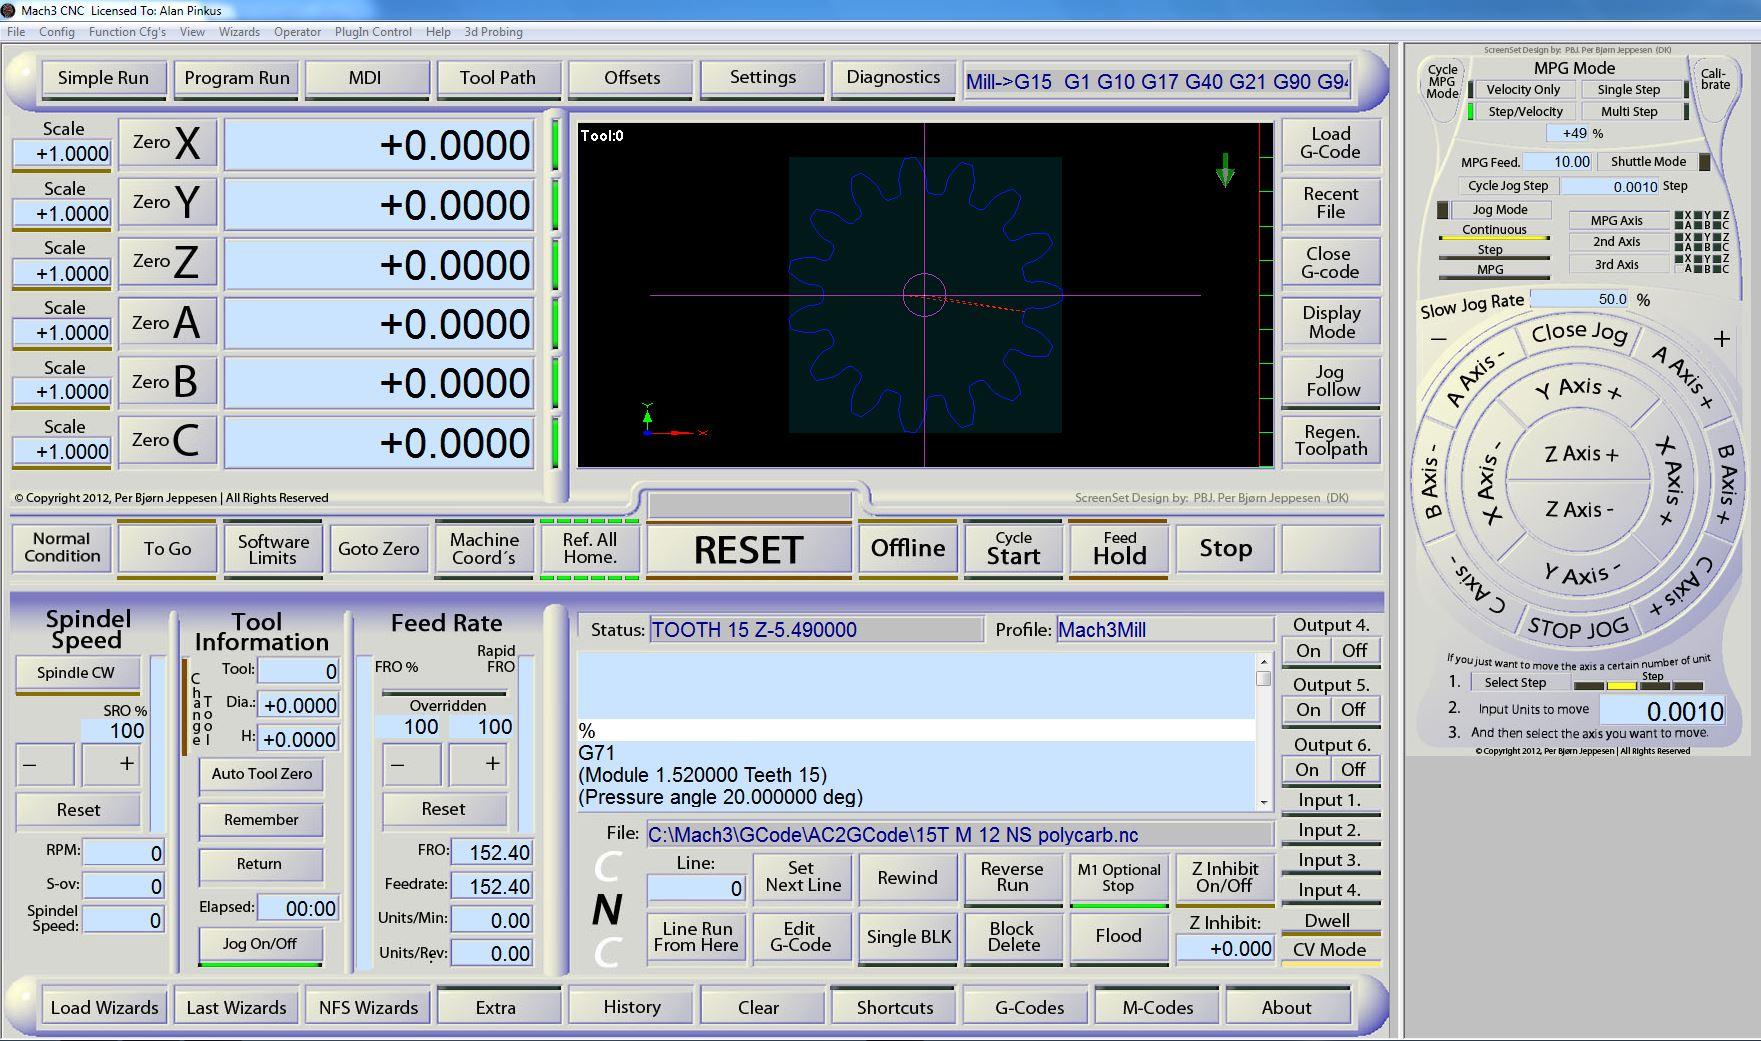 mach3 5 axis screenset